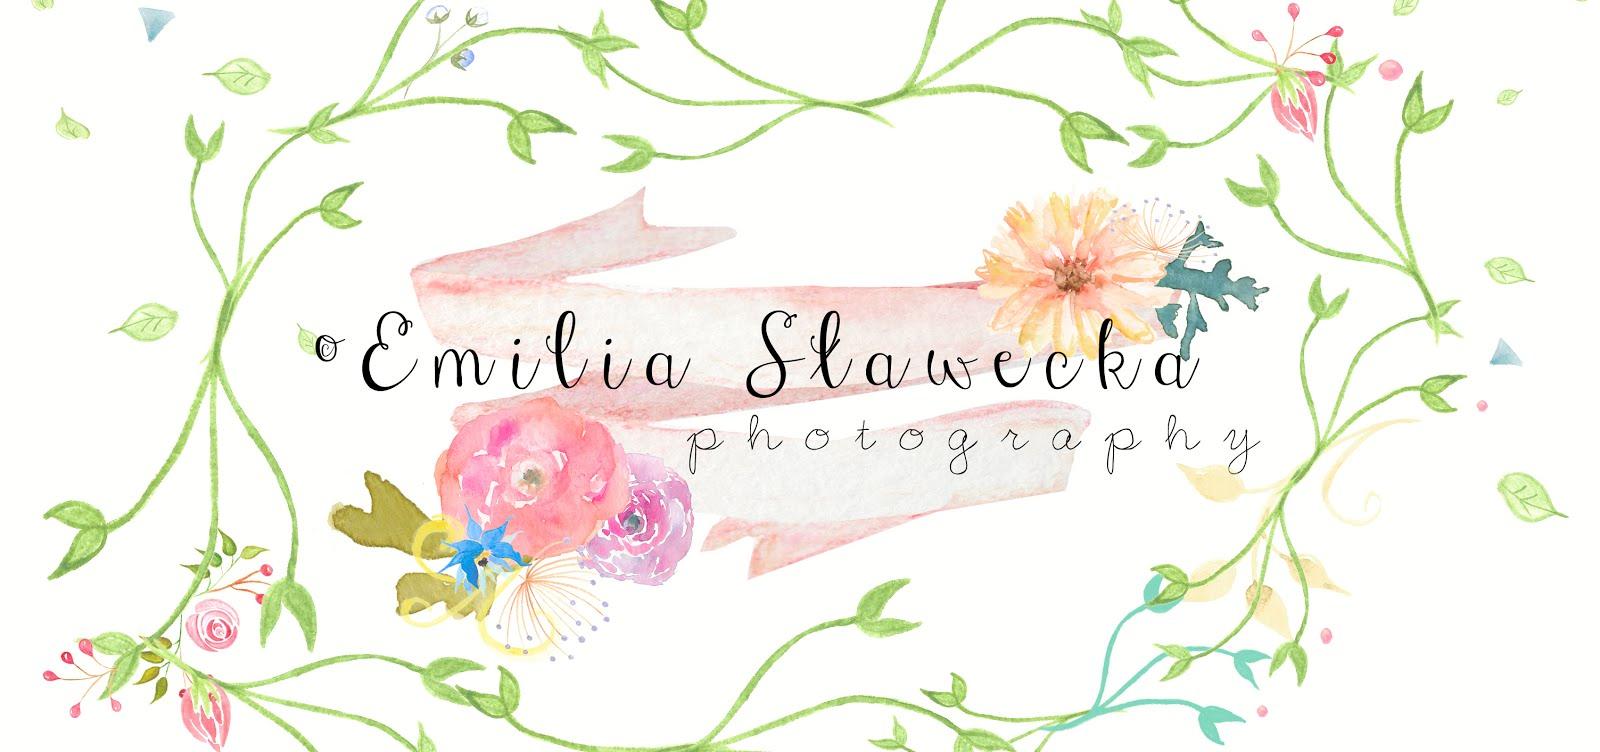 Emilia Sławecka -Fotografia Dziecięca Płock,fotografia rodzinna,fotografia ciążowa,ślubna